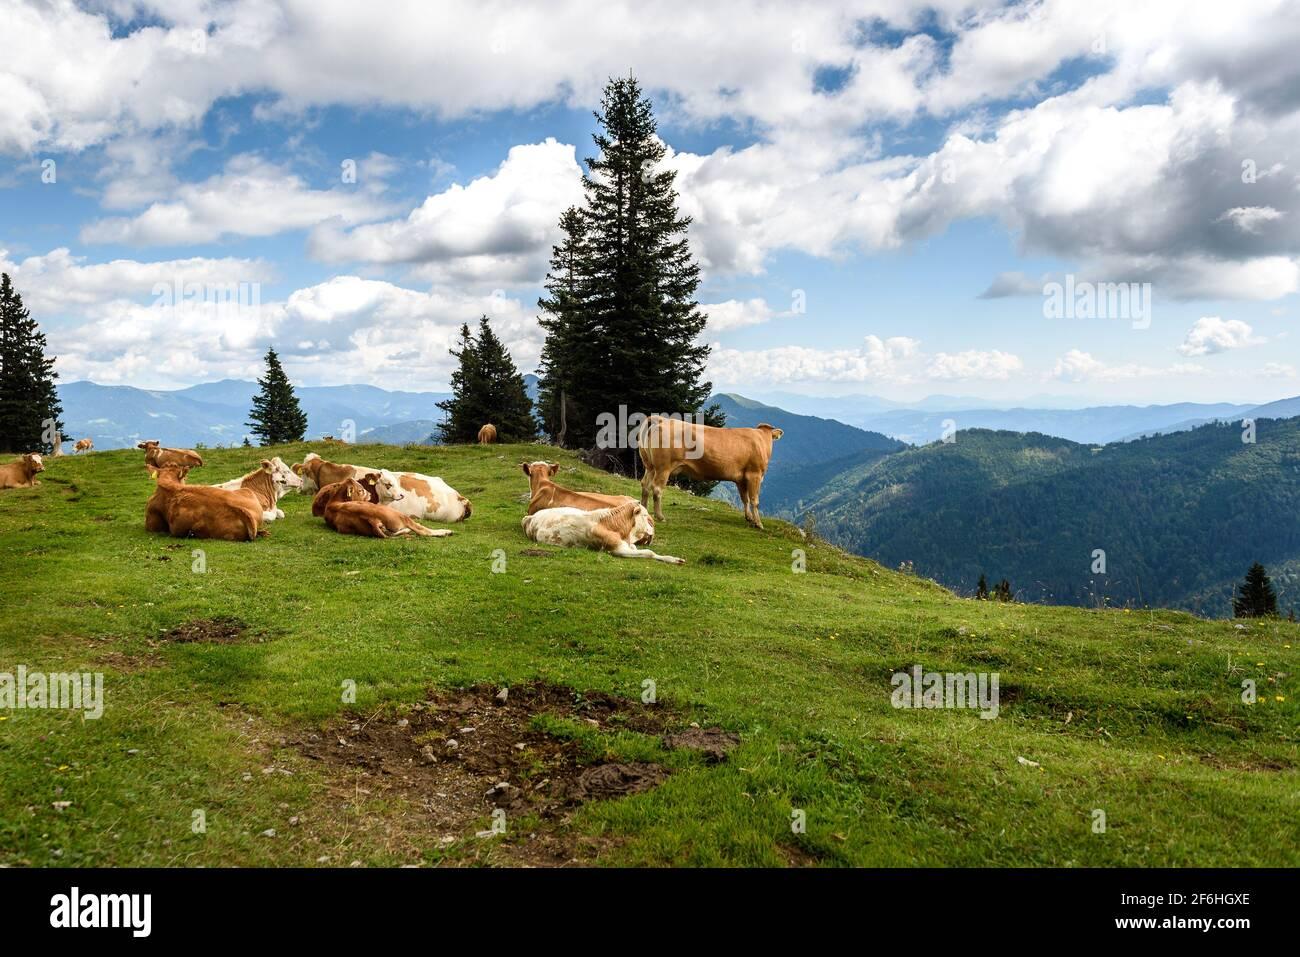 Vacas de ganado de rango libre en pastos verdes de alta montaña. Cría orgánica en la temporada de verano en Velika Planina, Eslovenia Foto de stock